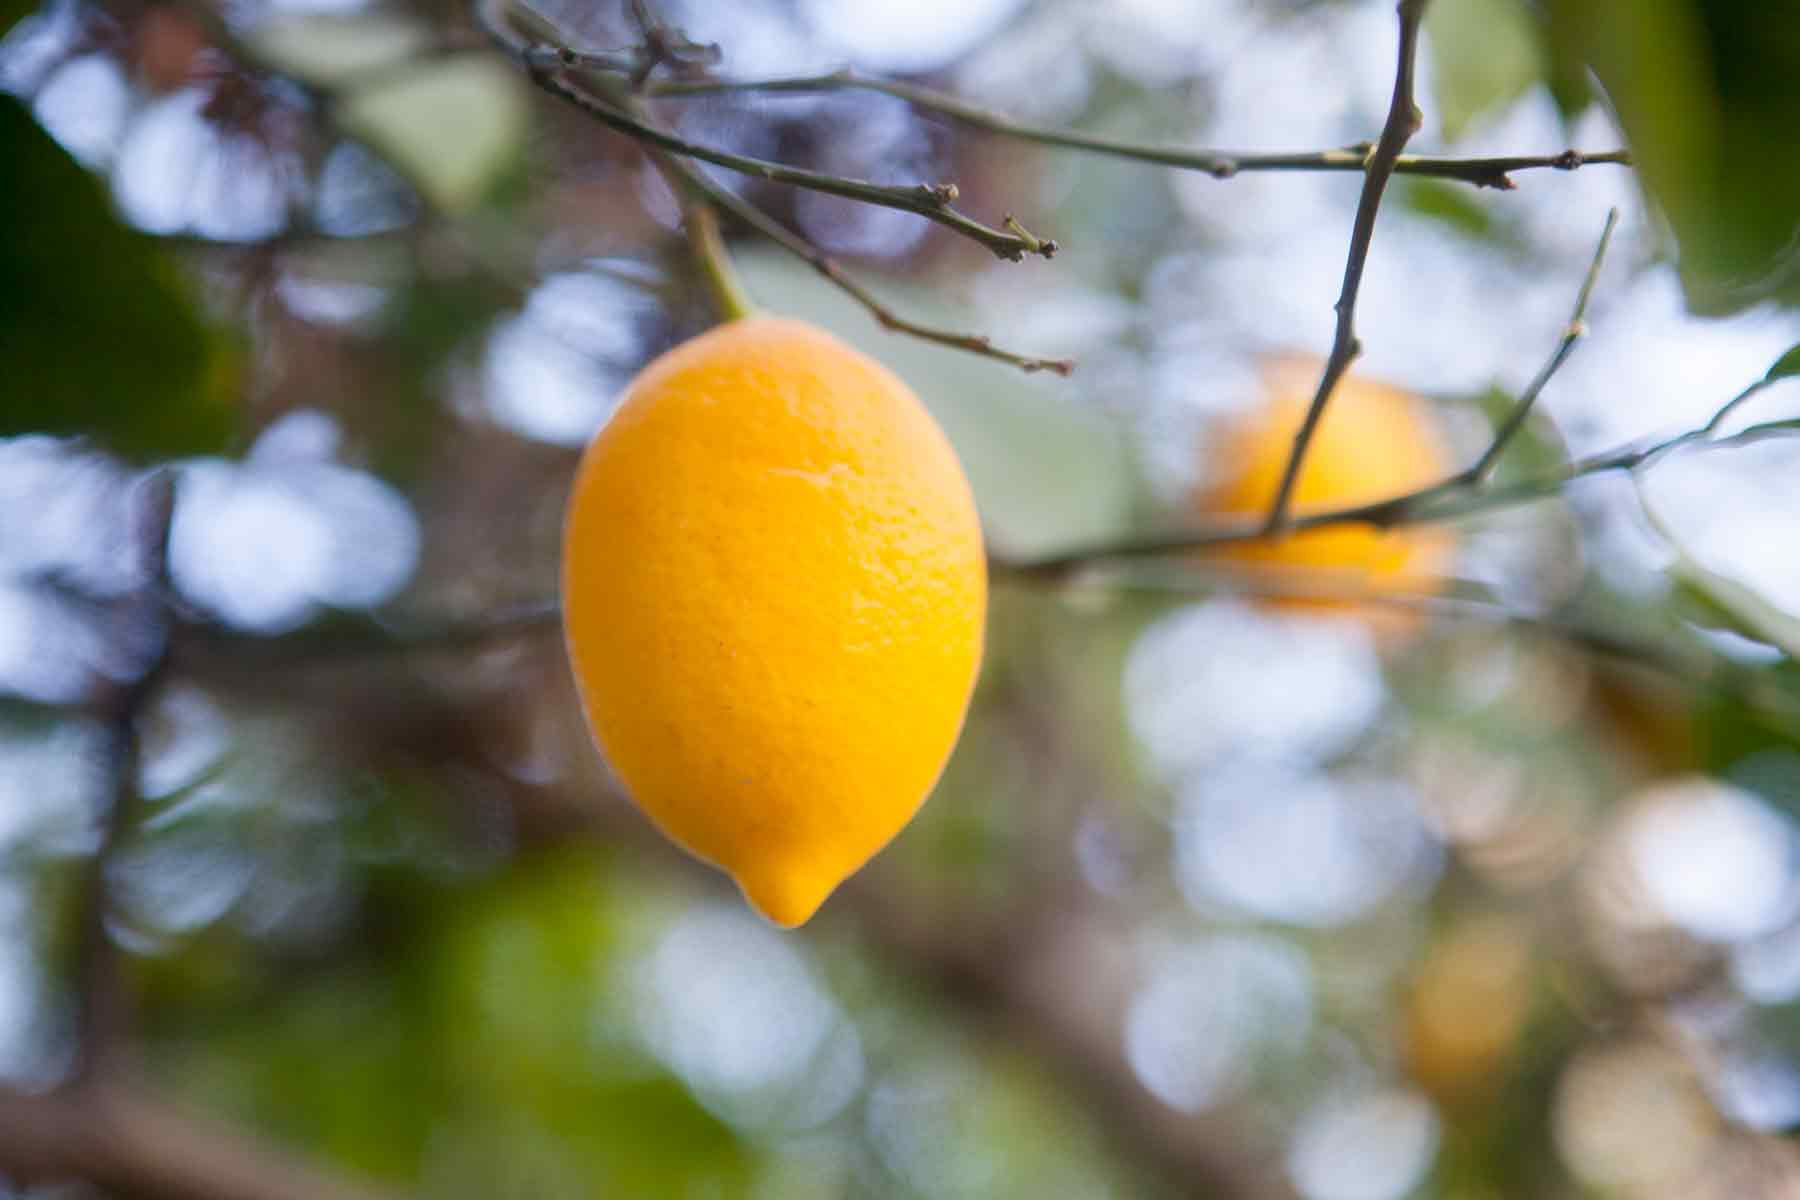 Meyer Lemon on tree